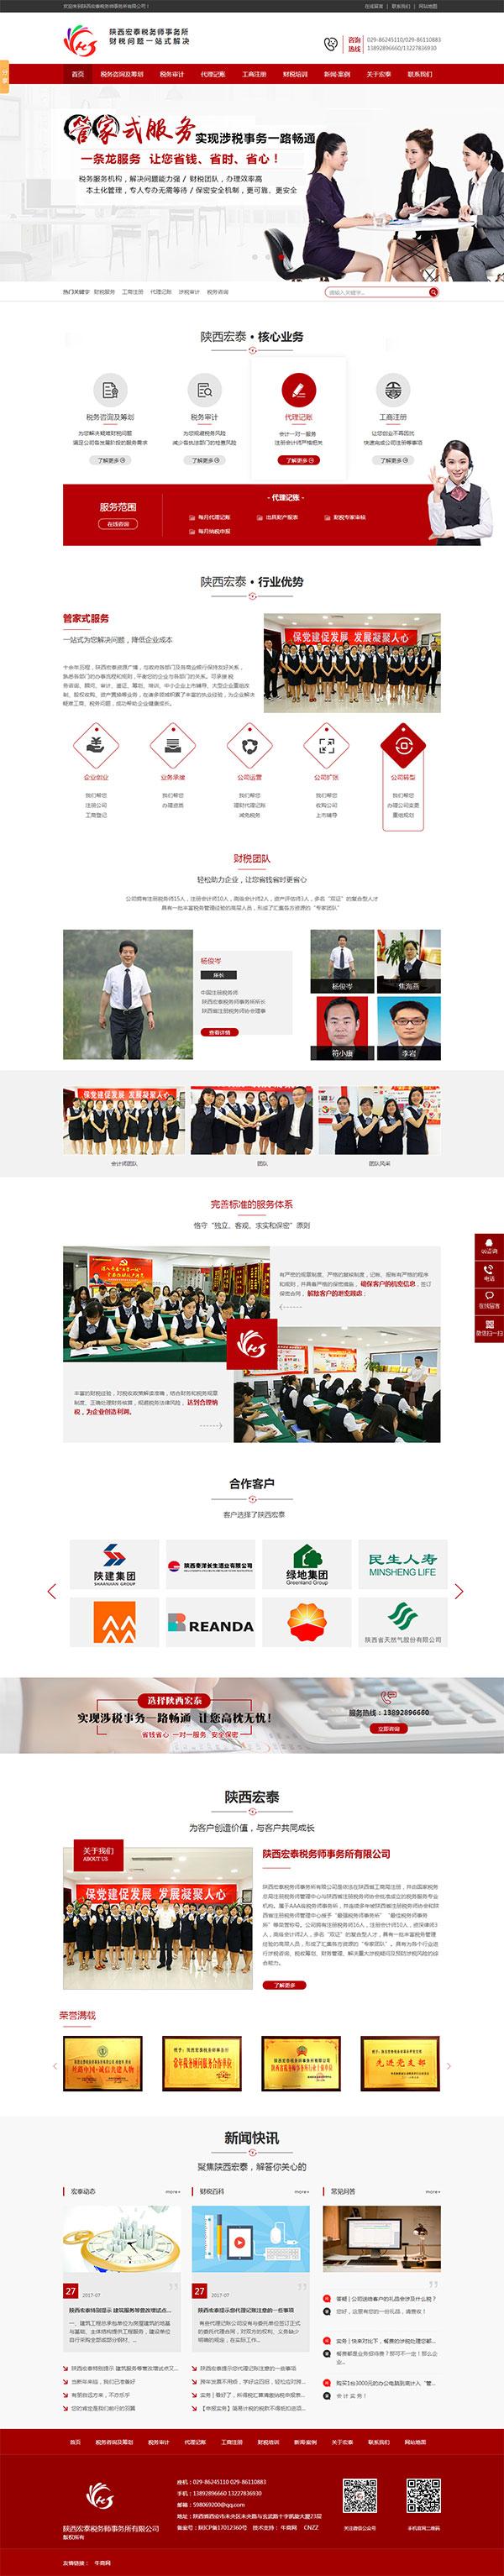 陕西宏泰税务师事务所龙8国际龙88型龙8国际官网首页页面